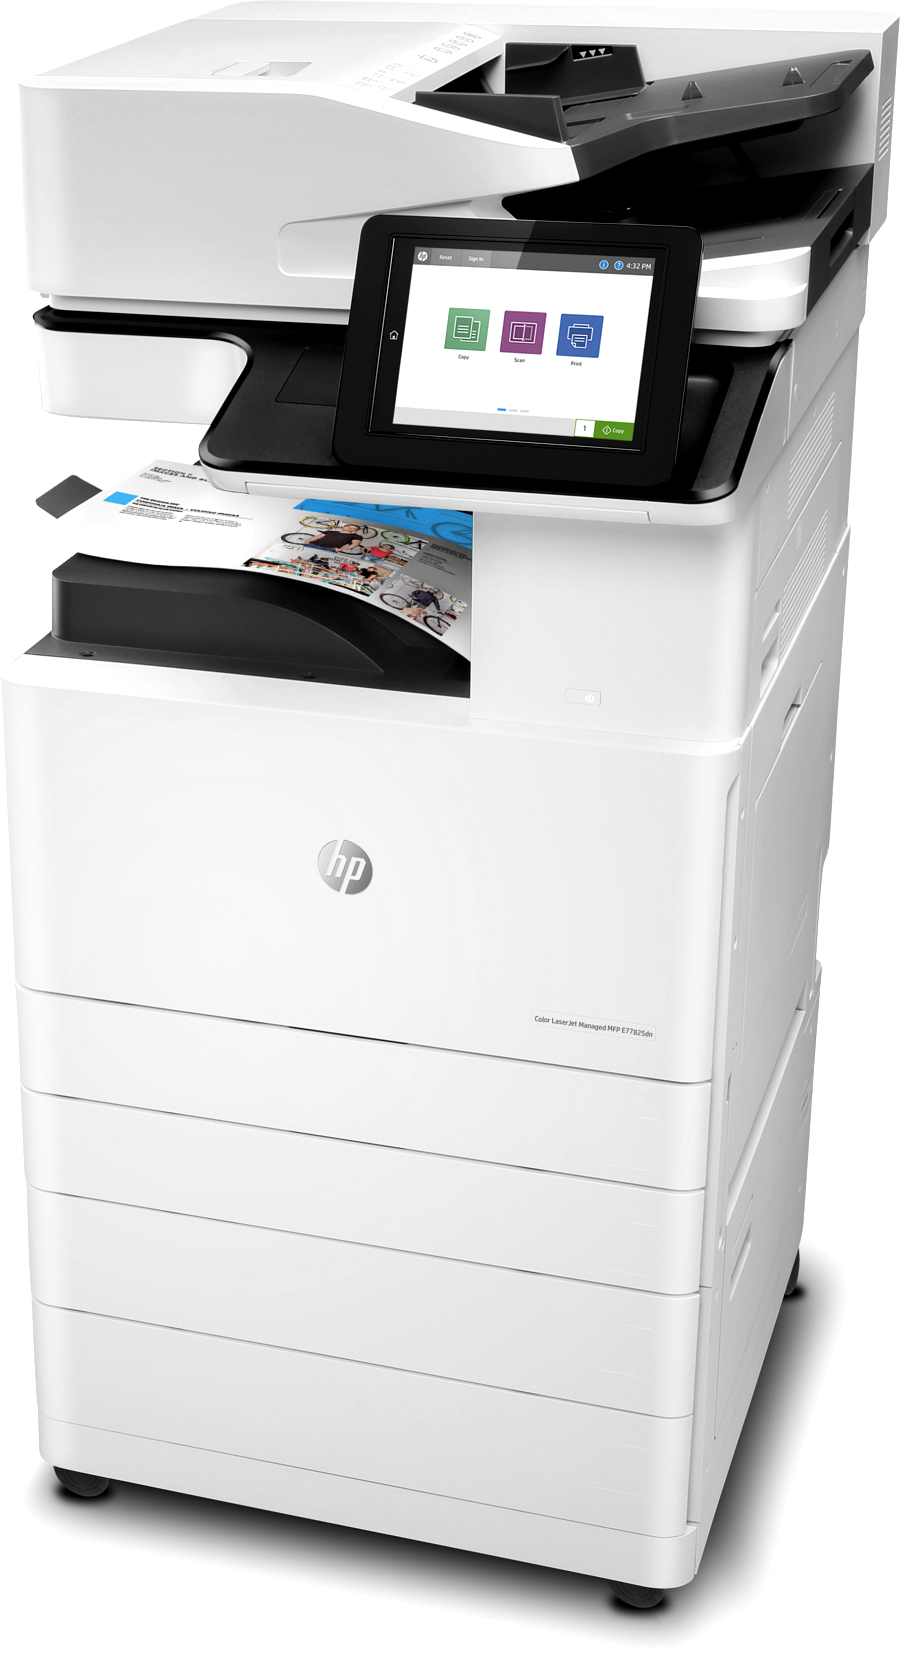 Multifunctional laser color HP Color LaserJet E77825dn